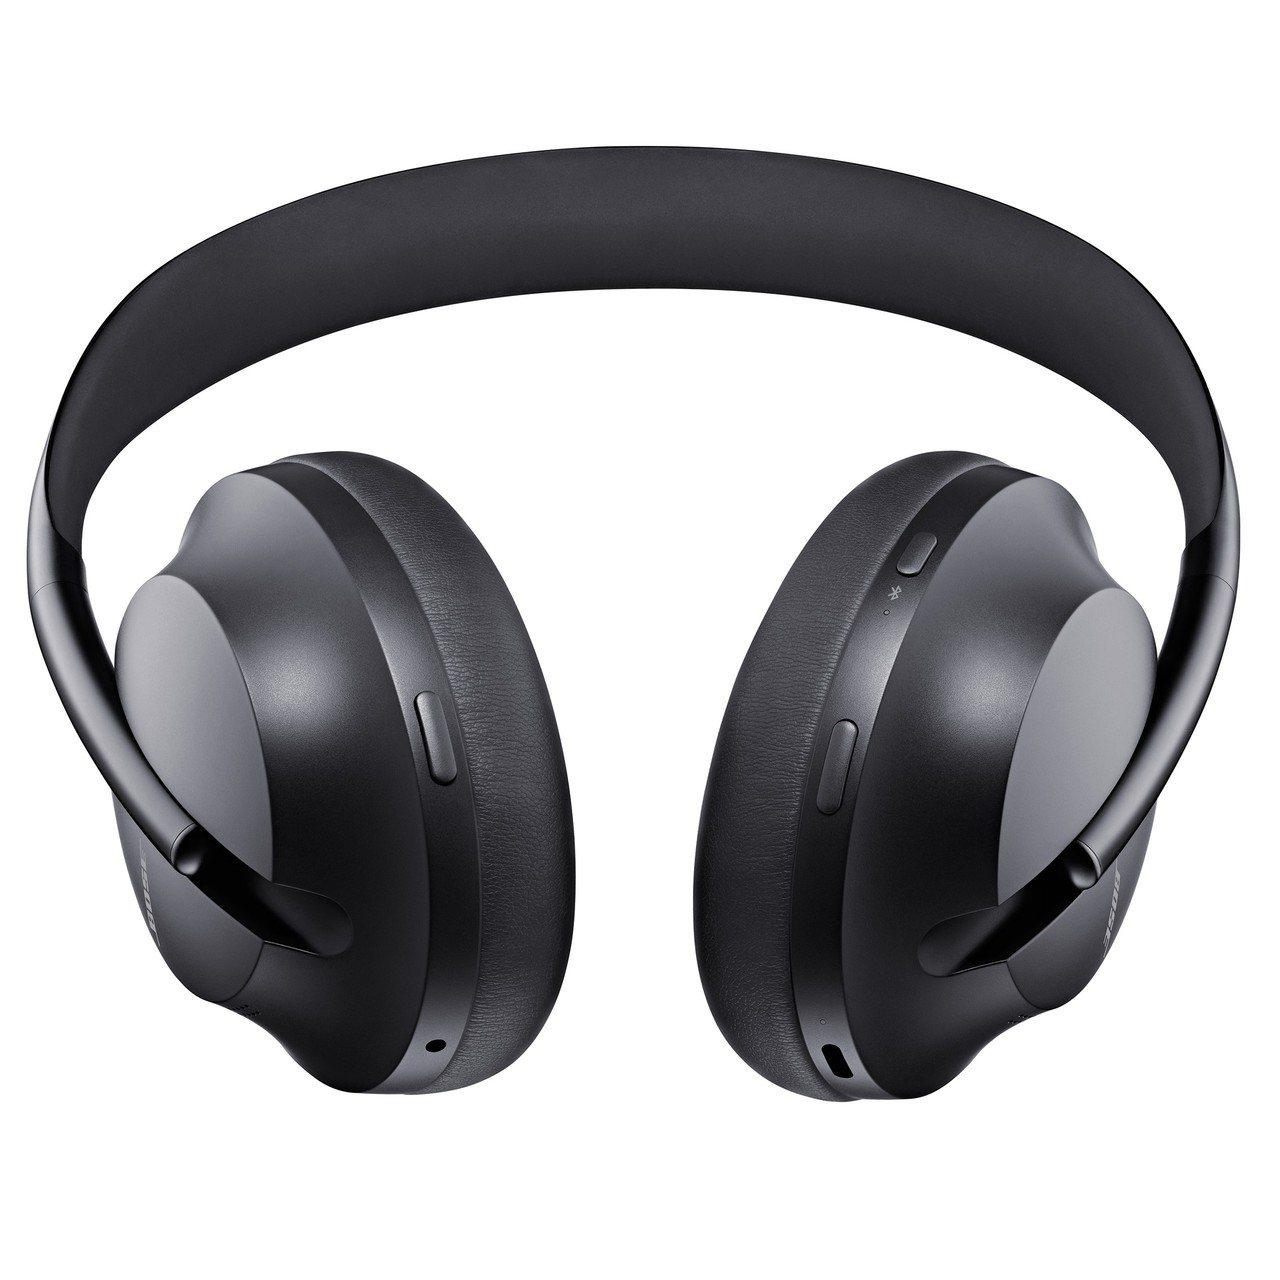 耳機上的3個按鍵分別用於開關機、調節消噪等級和啟動語音助理。圖/Bose提供